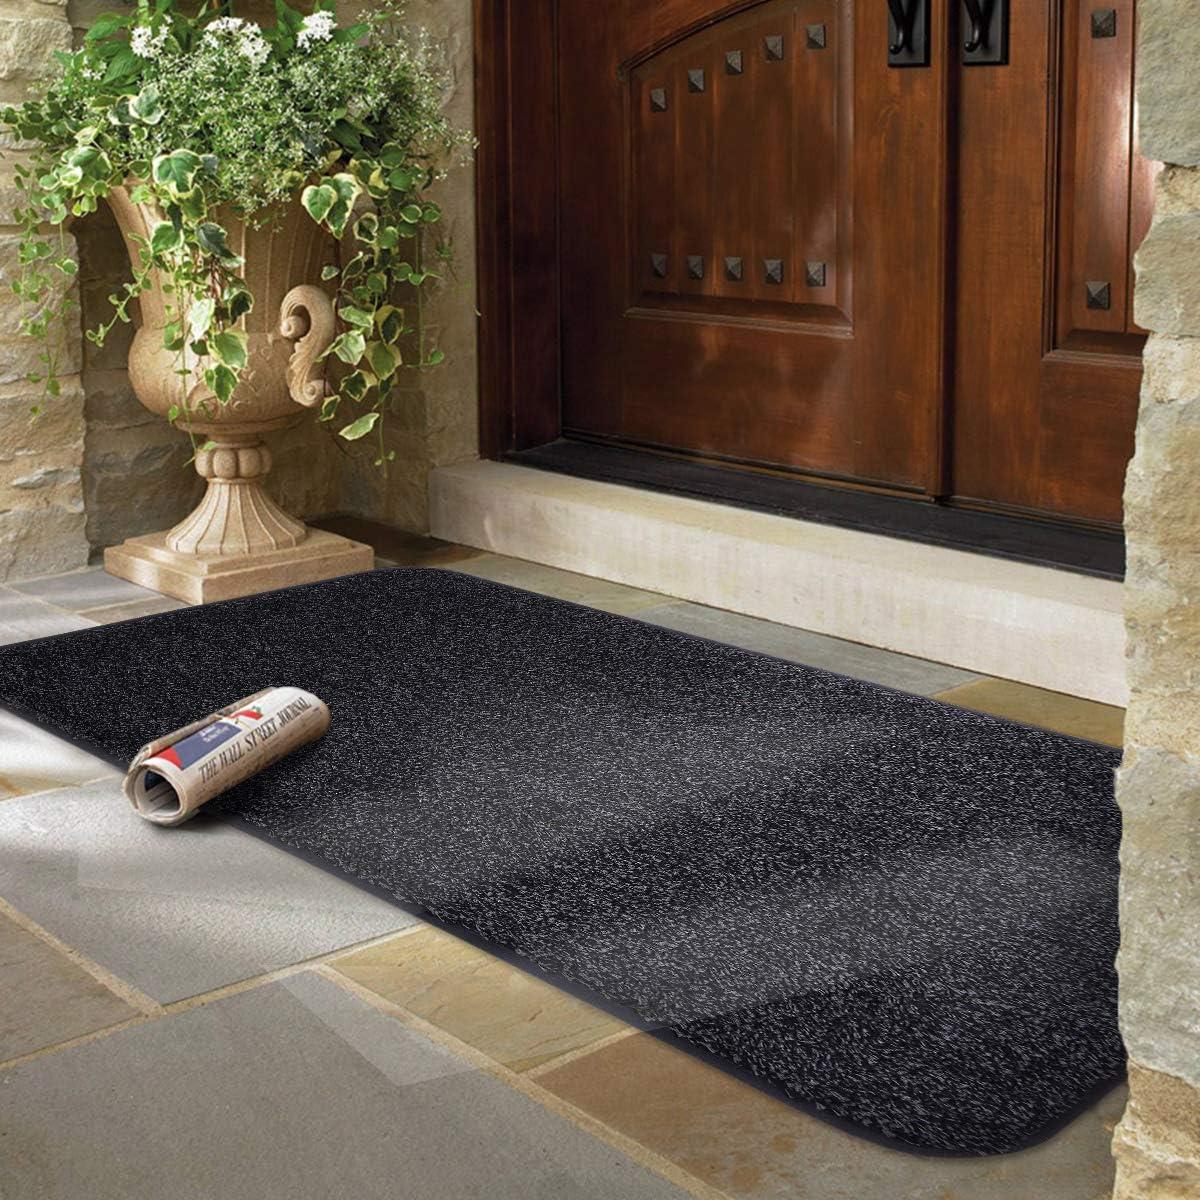 Mayshine® Felpudo antideslizante de algodón para puerta de barro suciedad, alfombra de entrada, zapatos, raspador de piso, interior/exterior, 60 x 100 cm